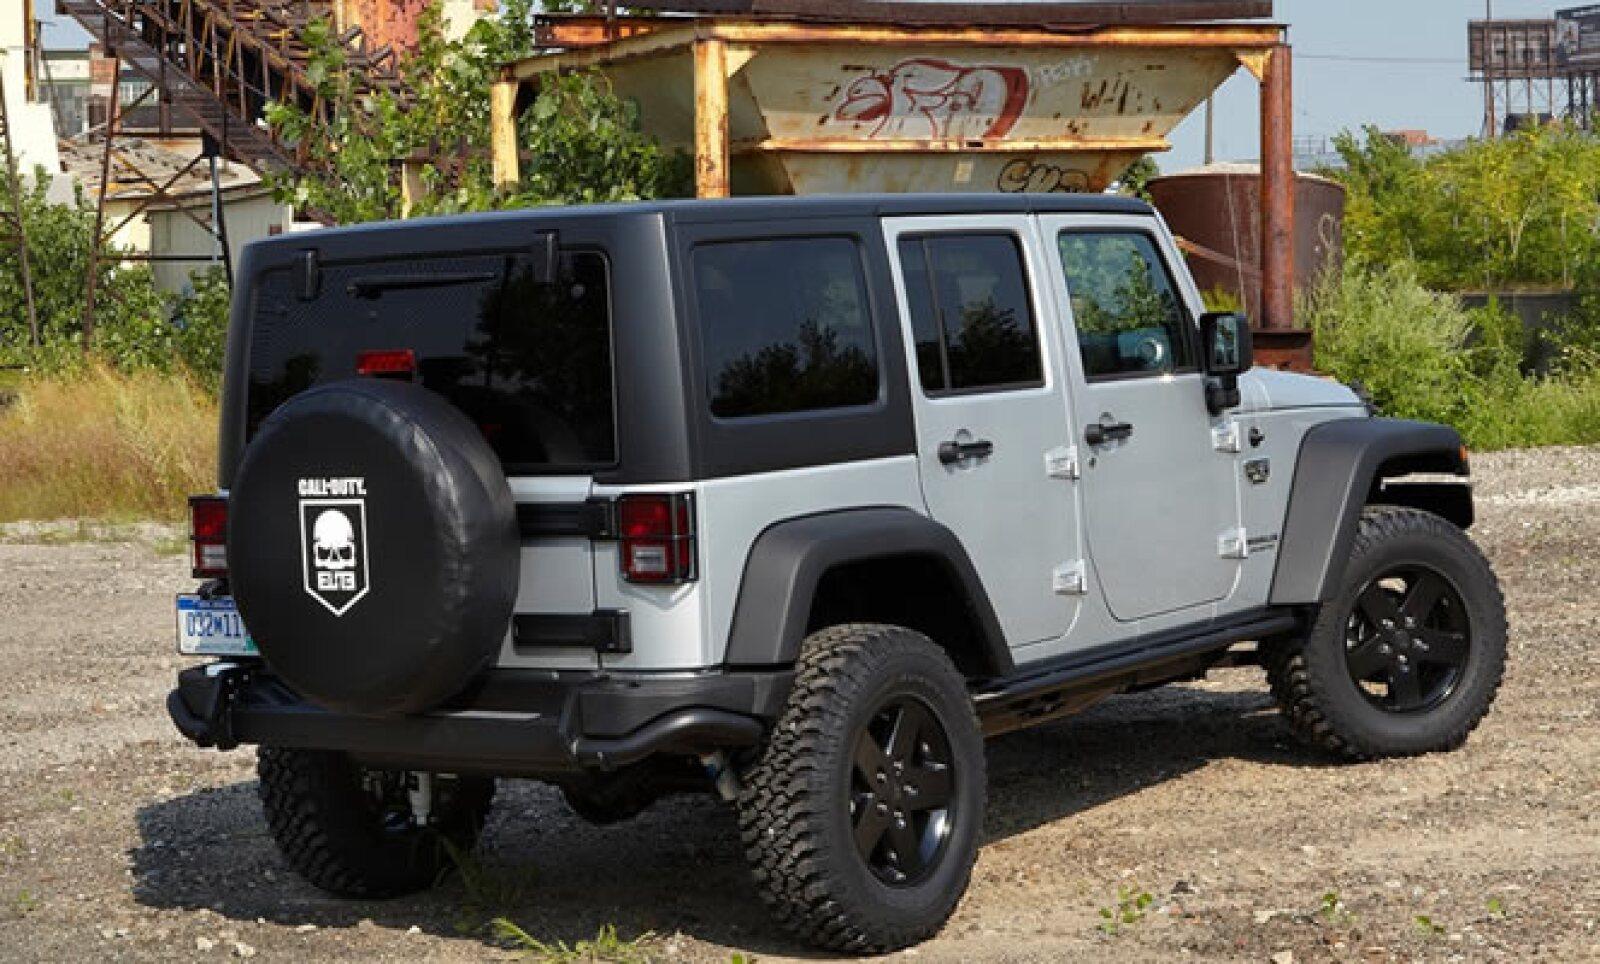 El vehículo estará disponible en color negro y plata brillante, y en el exterior tendrá el logotipo de MW3.